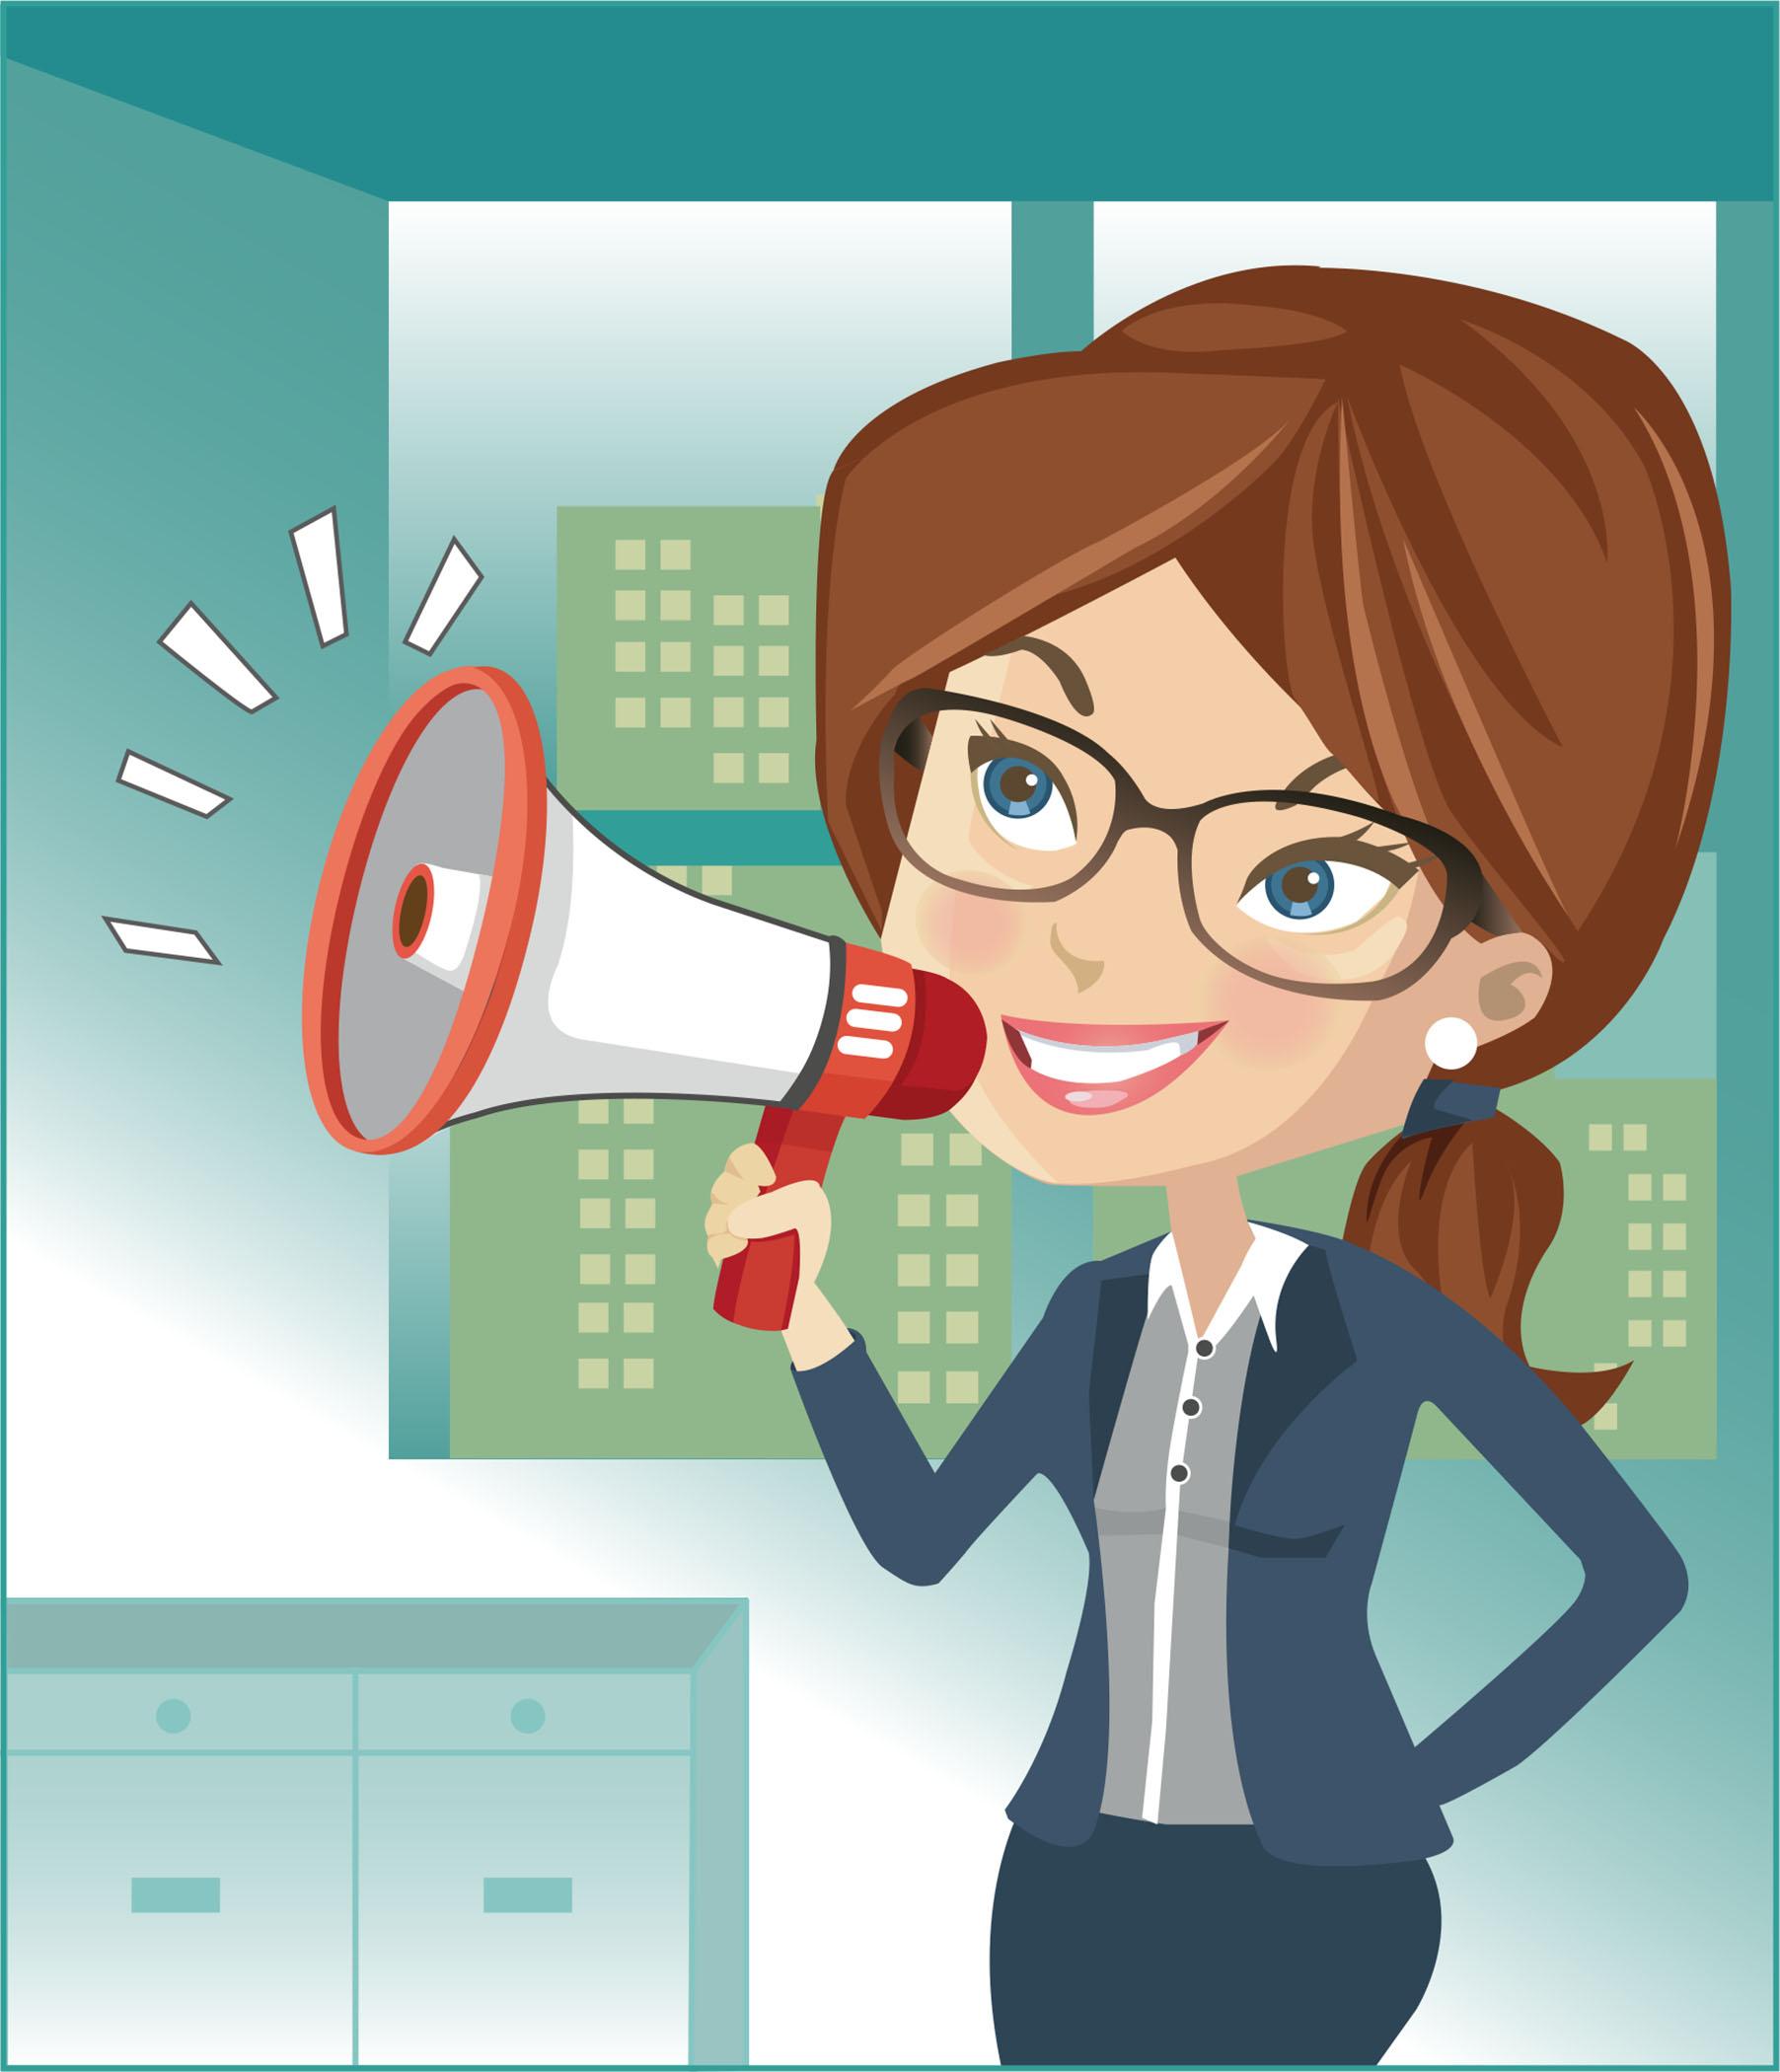 PR-Agentur Industrie: So agiert Ihre neue PR-Agentur b2b